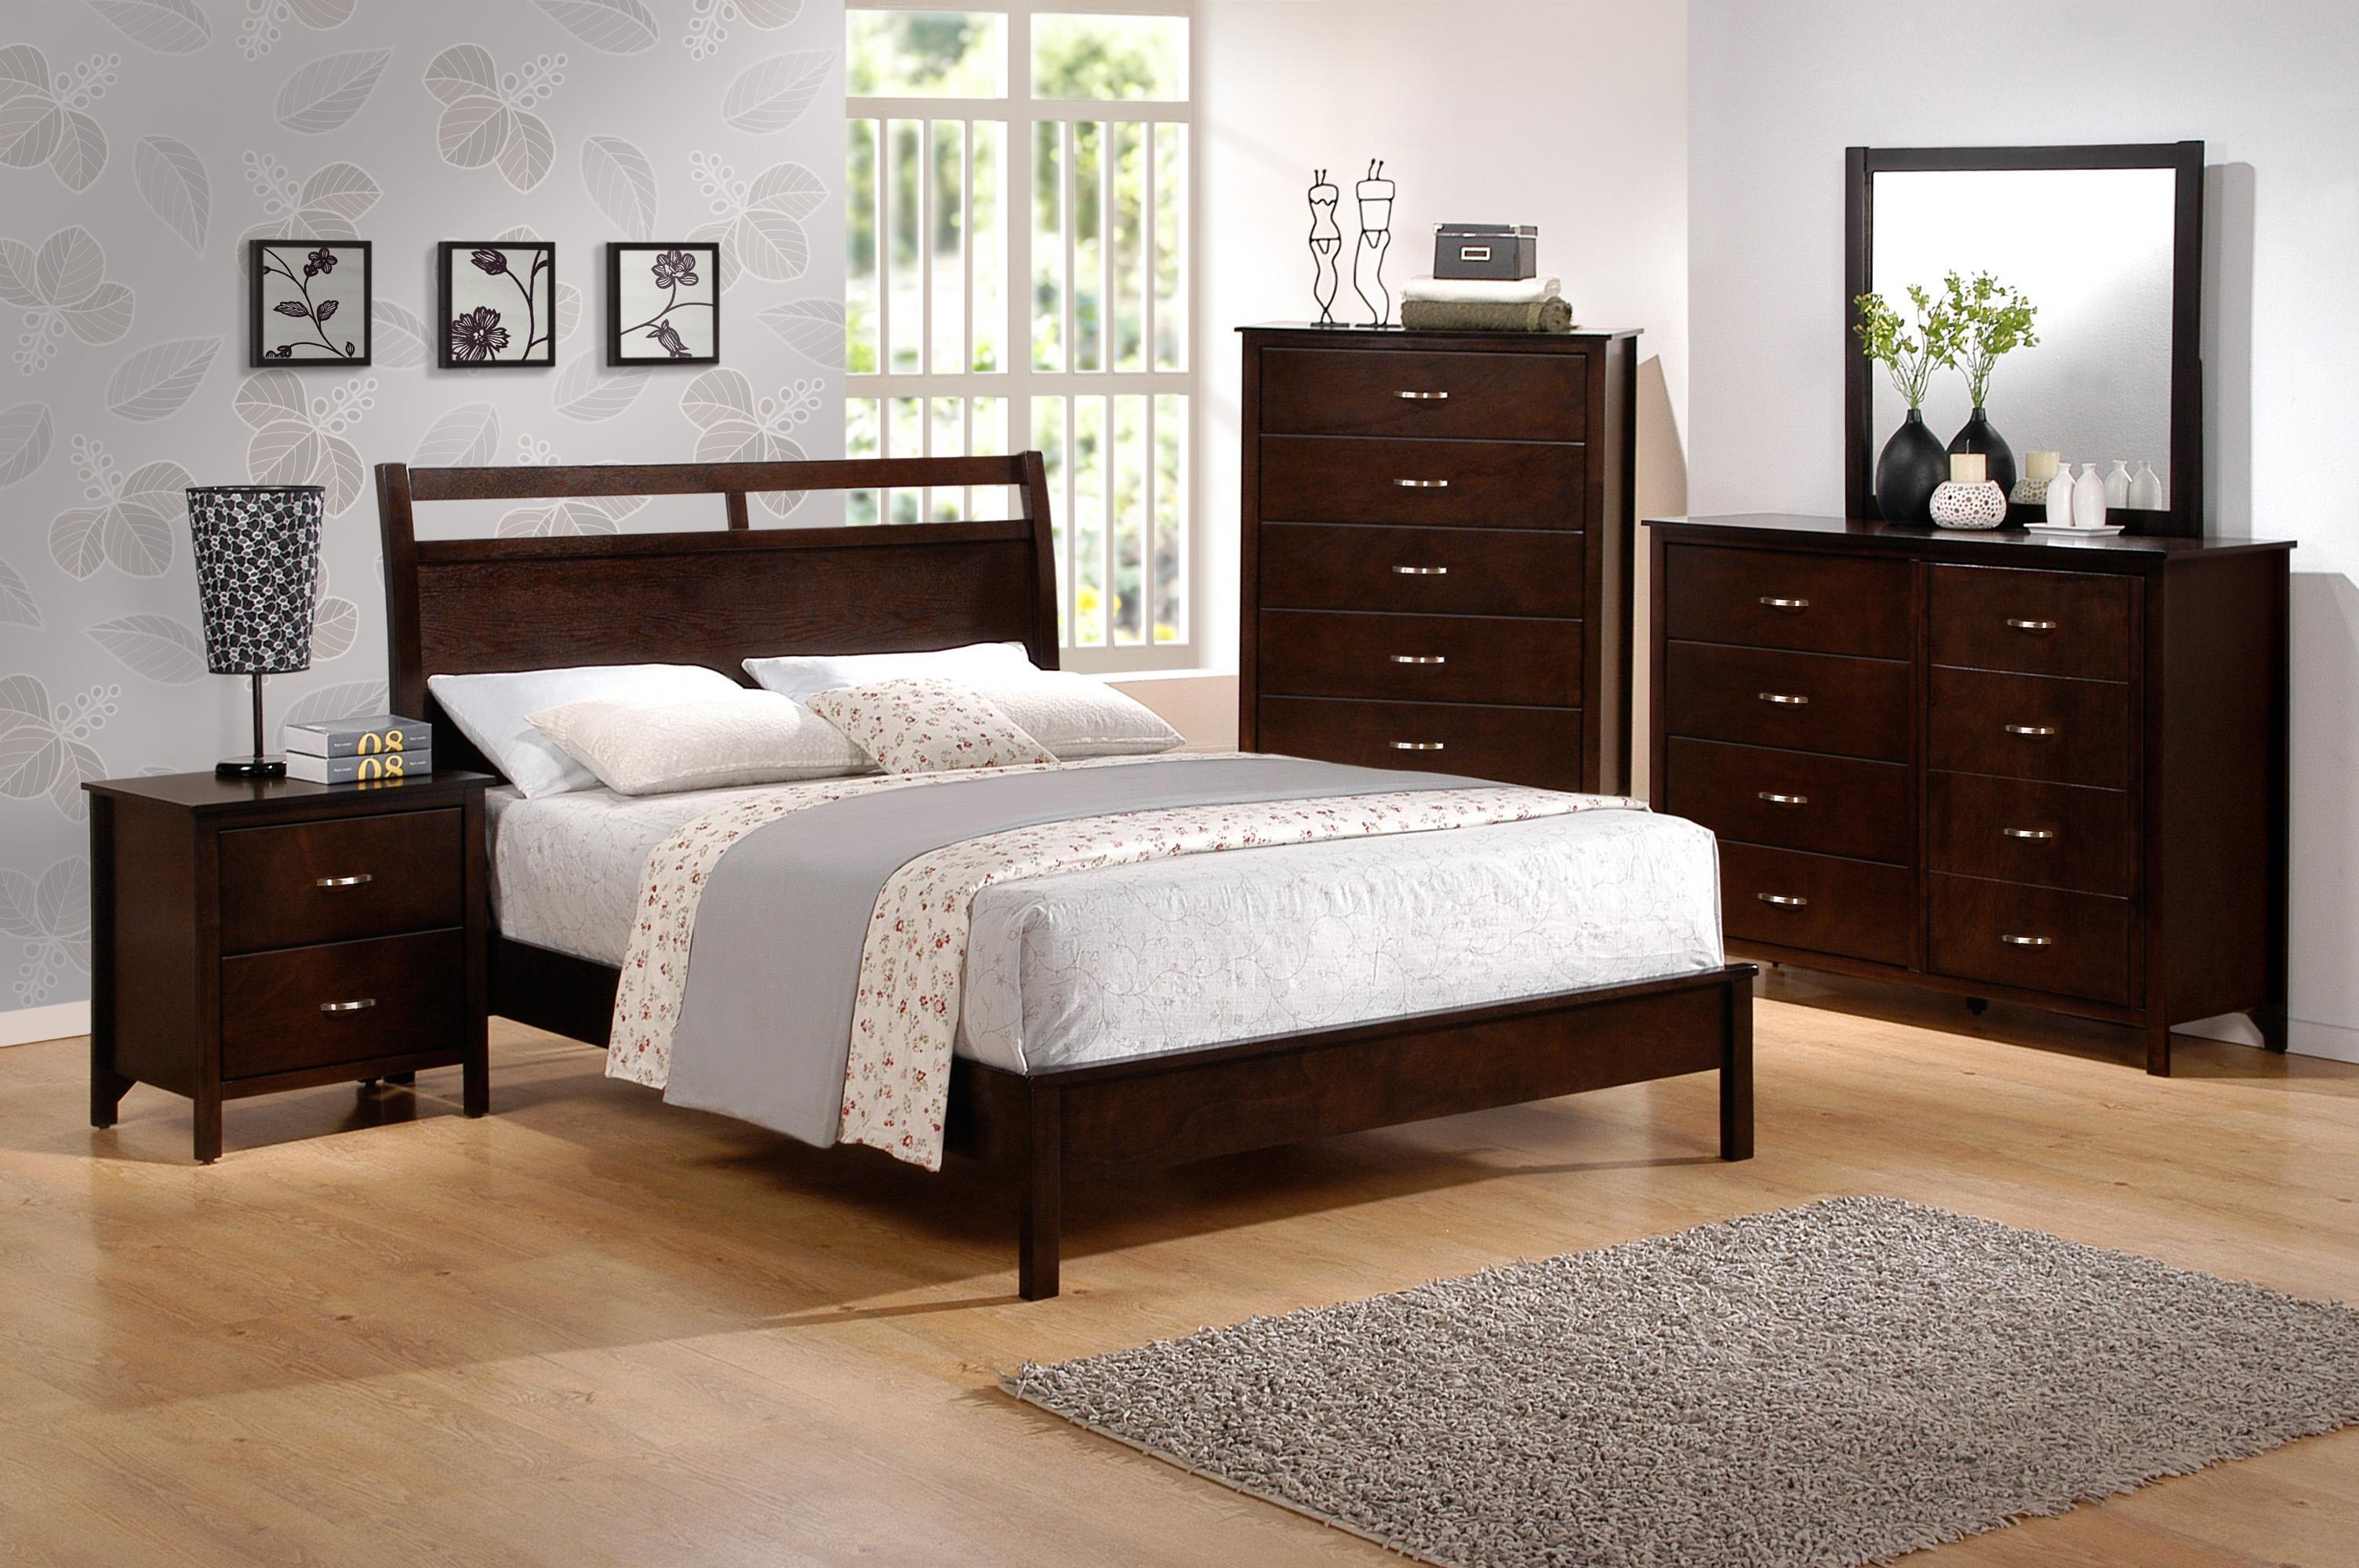 Crown Mark Ian King Bedroom Group - Item Number: B7300 King Bedroom Group 1